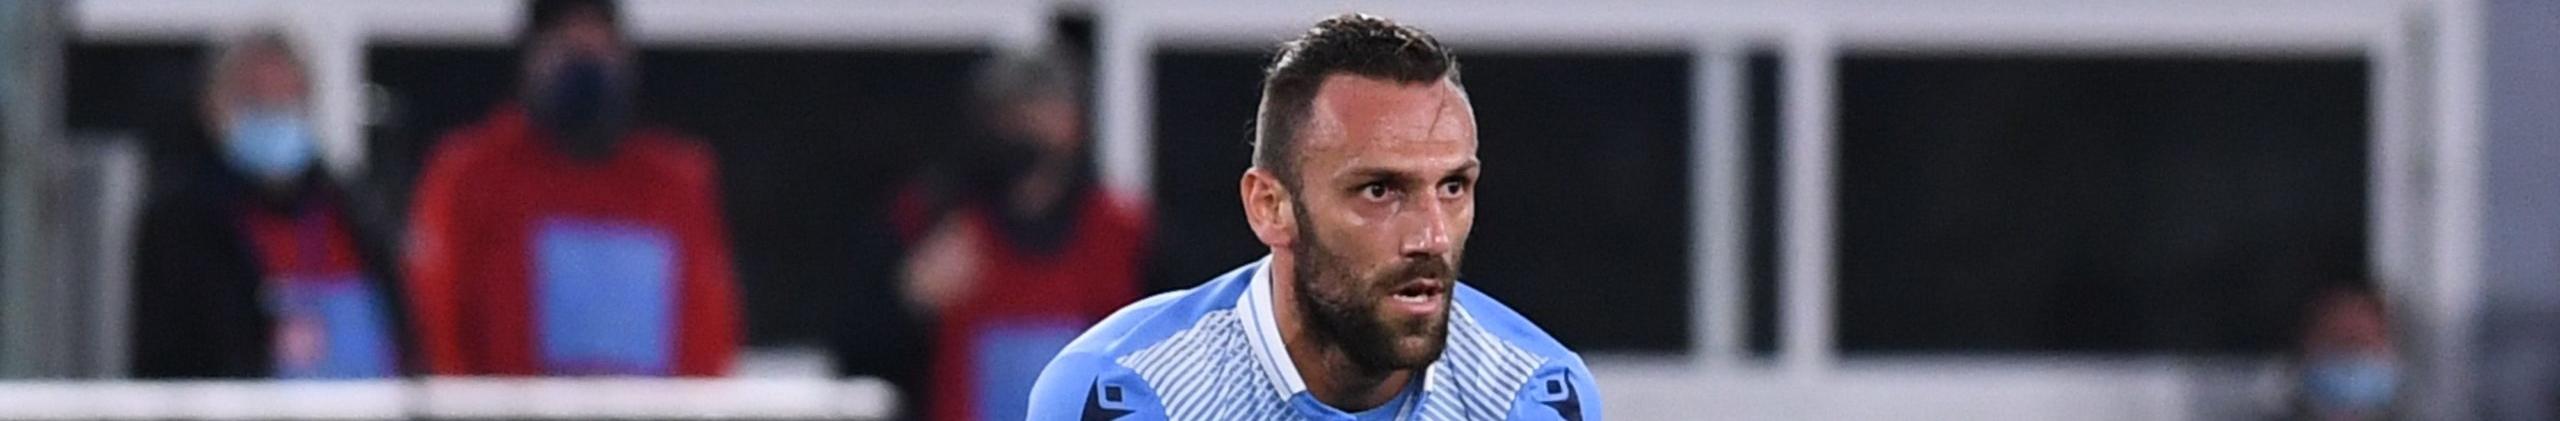 Pronostico Zenit-Lazio, in attacco l'inedita coppia Pereira-Muriqi - le ultimissime